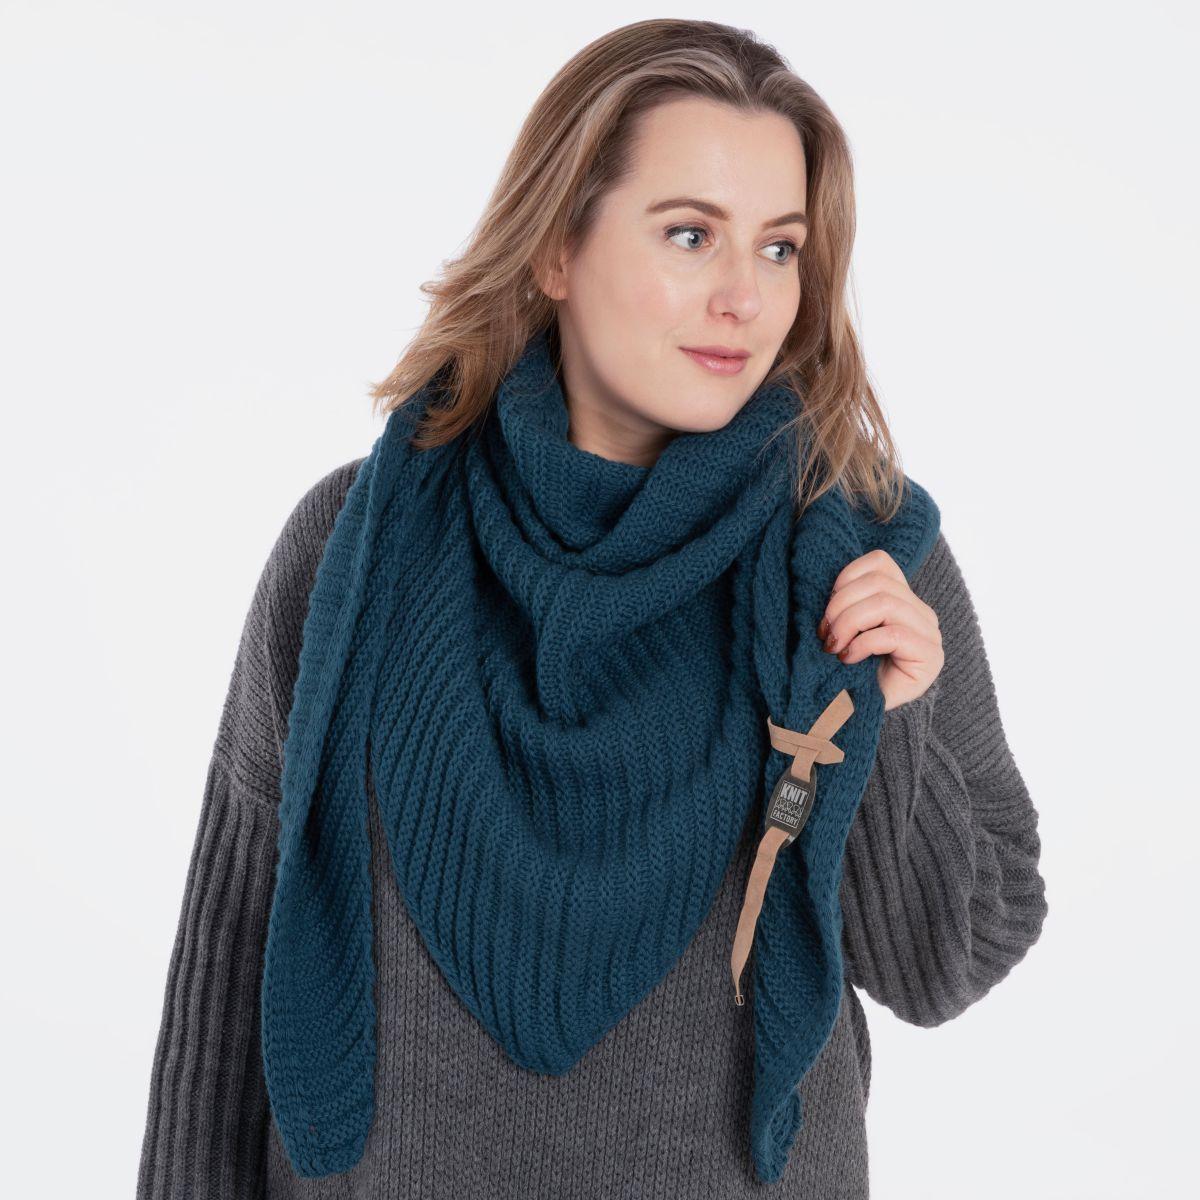 knit factory kf14706000850 demy omslagdoek petrol 2